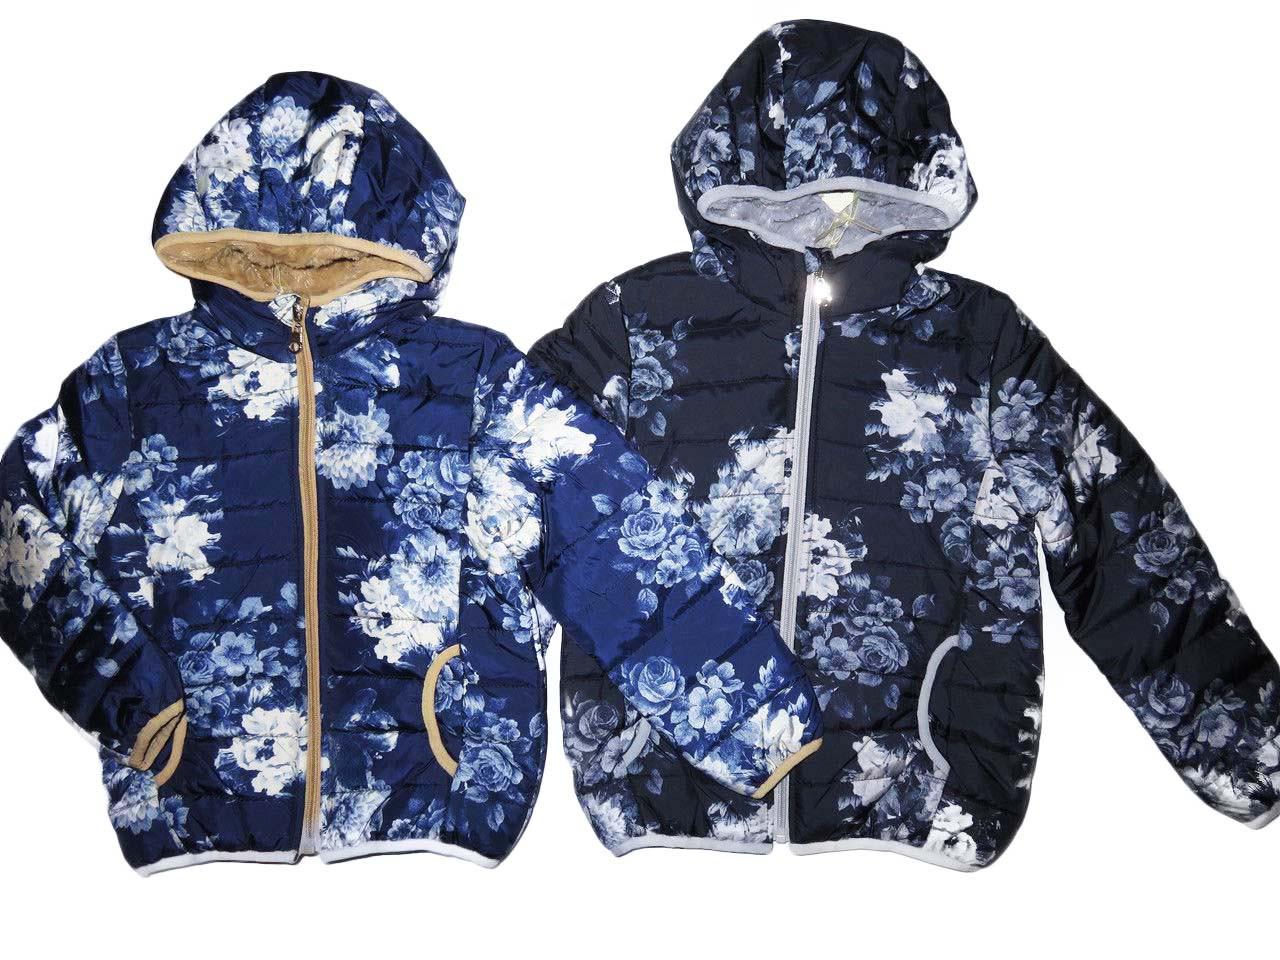 Куртка демисезонная для девочек на синтепоне, размеры 6 лет, F&D, арт. YY-2904